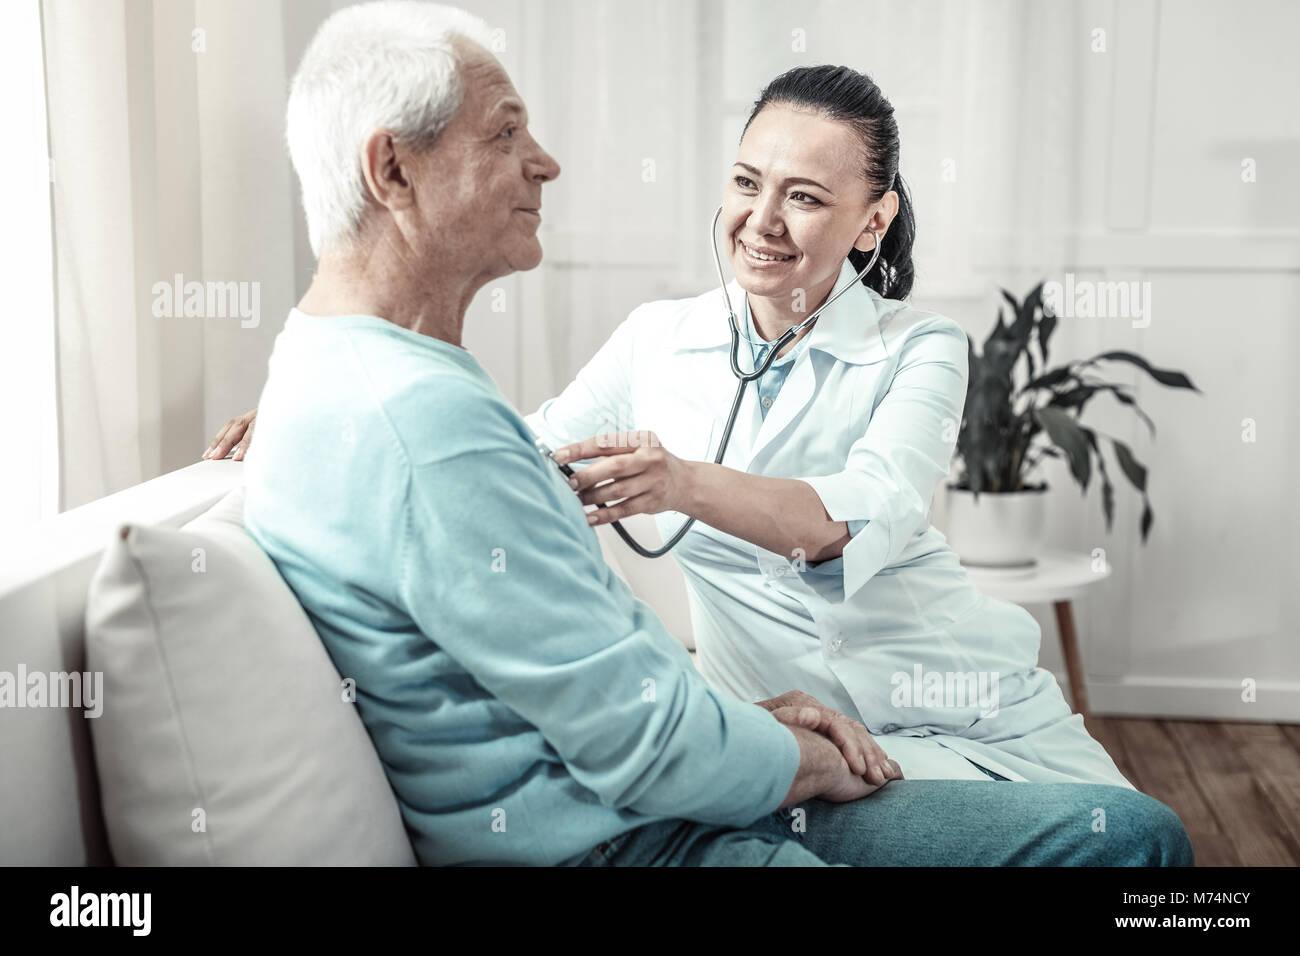 Genre agréable à l'aide de l'infirmière son stéthoscope et souriant. Photo Stock